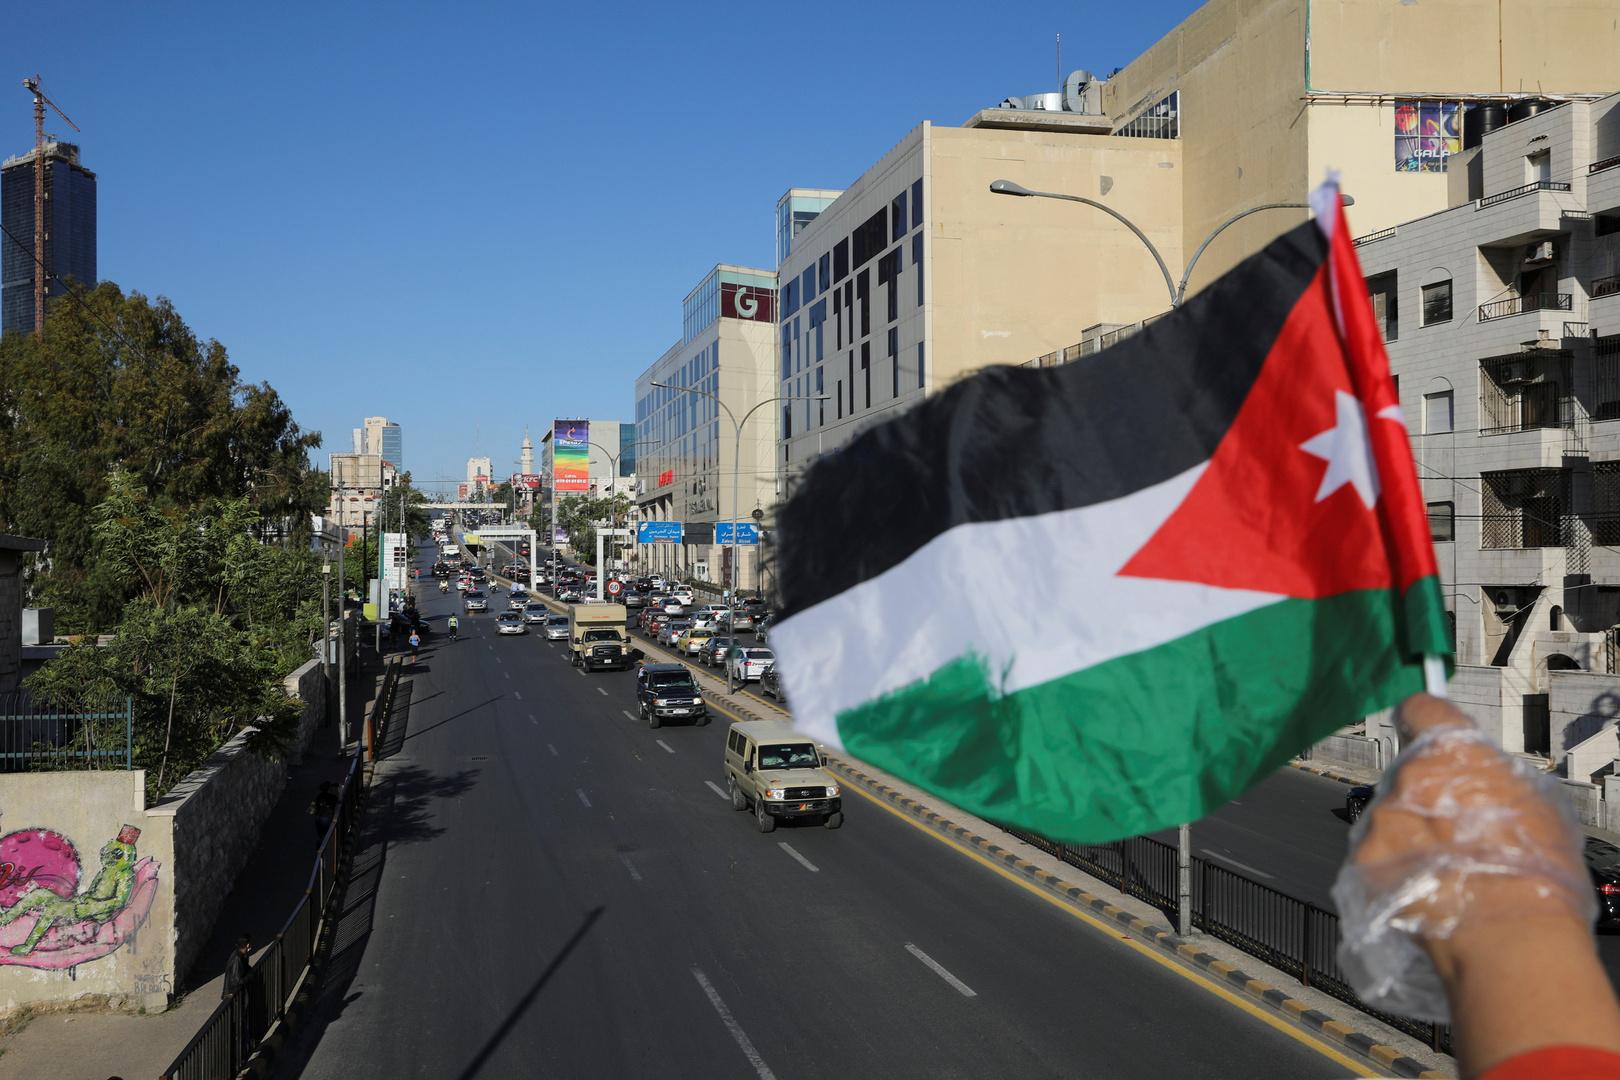 انسحاب طالبة أردنية من مشروع عالمي بسبب إسرائيل (صورة)